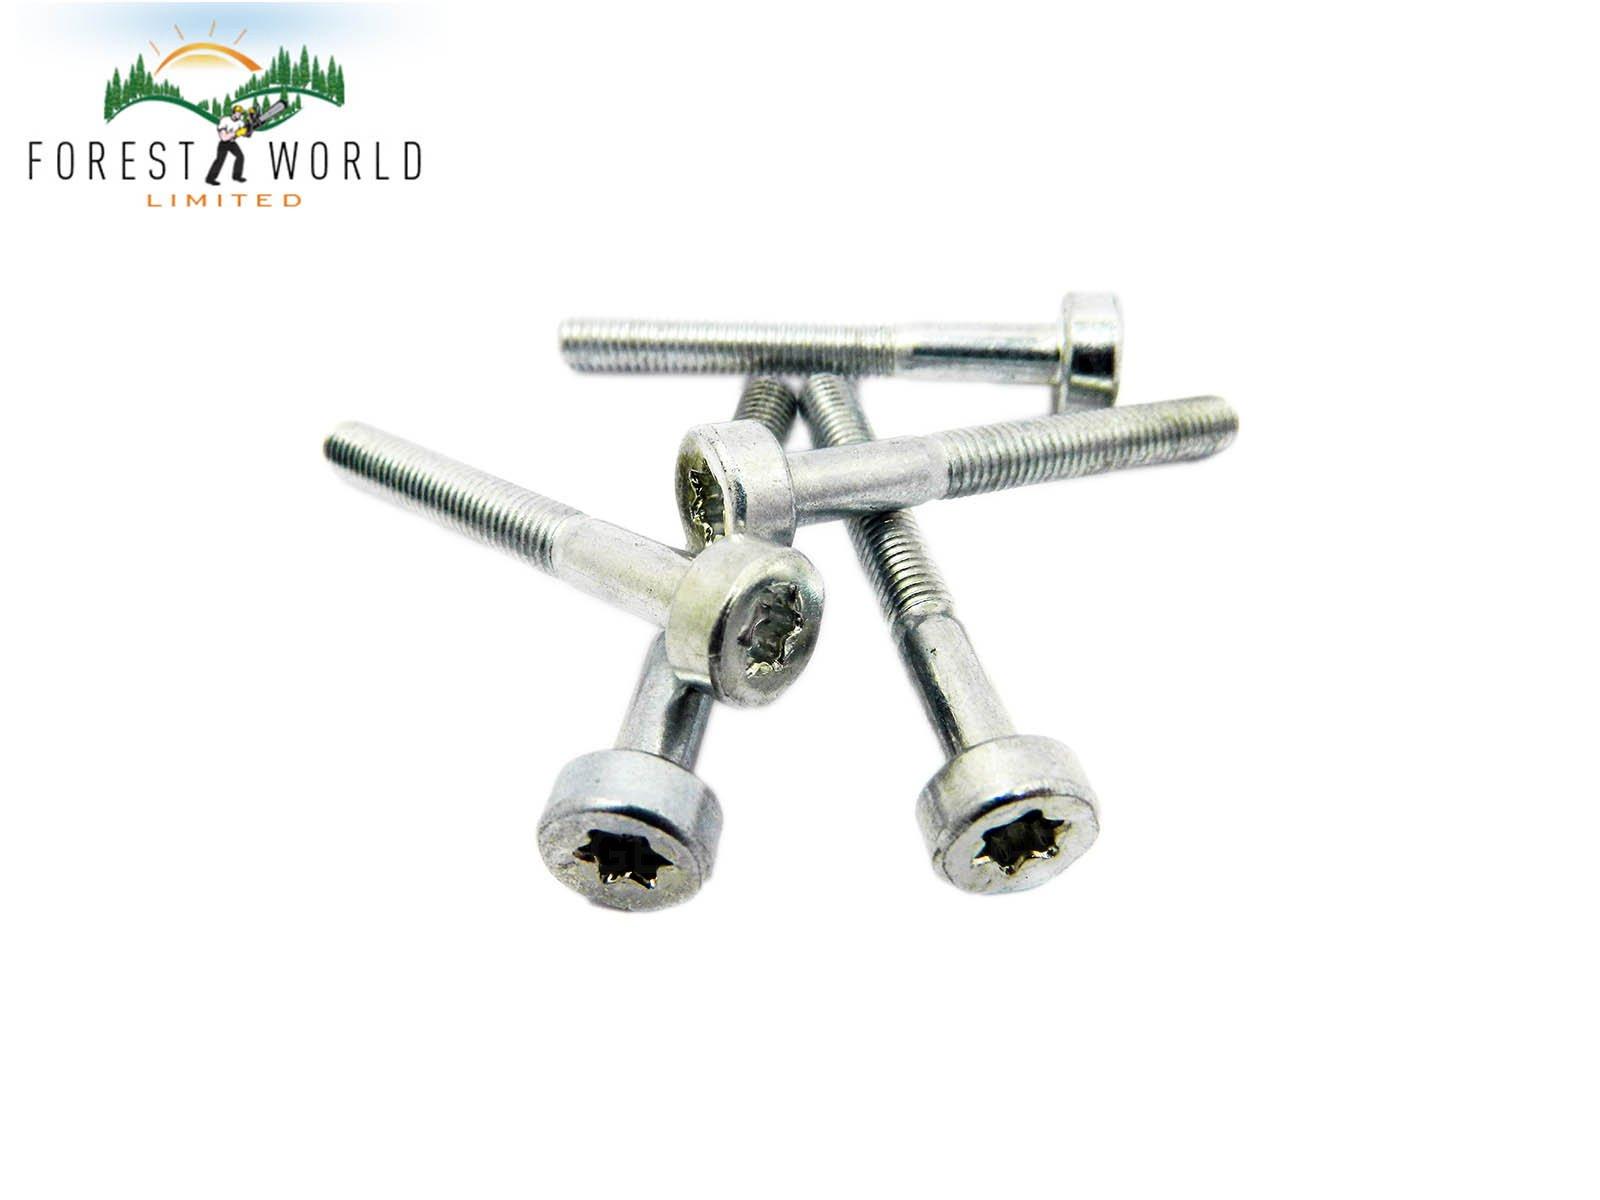 TORX screws M5 X 35 mm x 5 fits most Stihl concrete saw